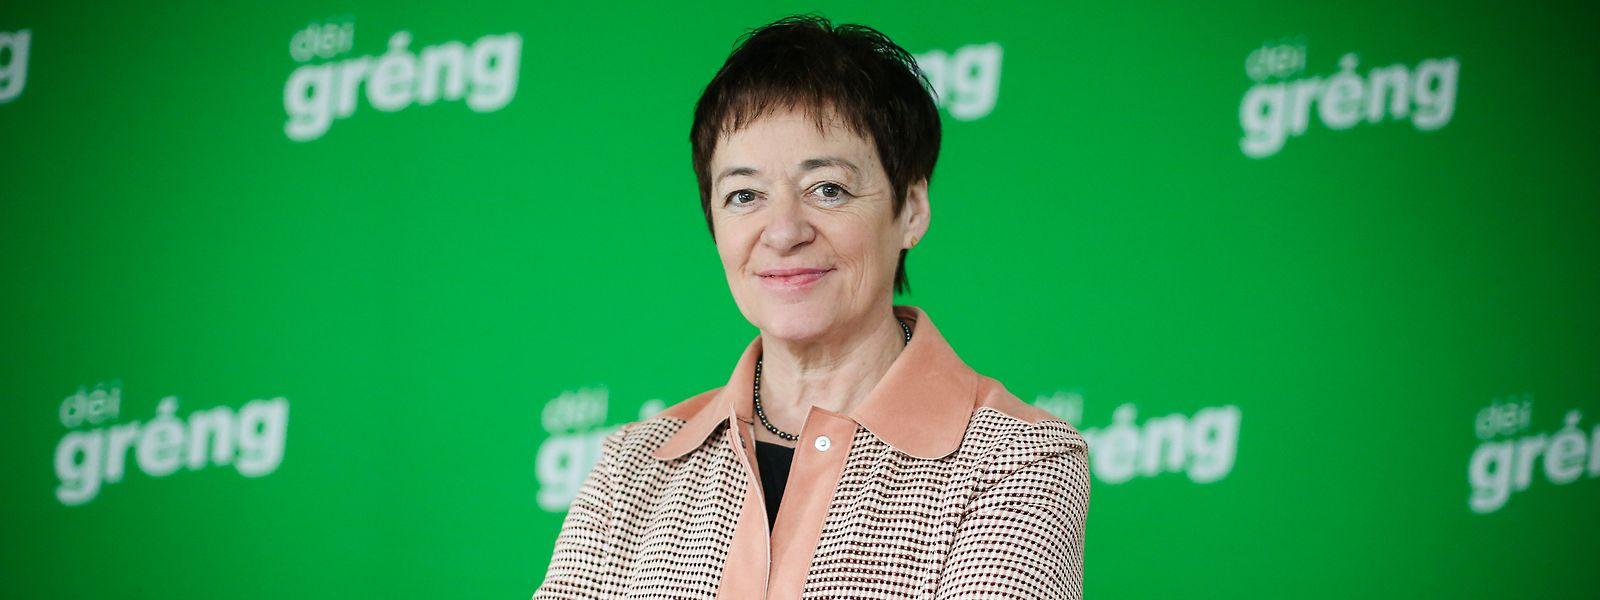 Als Bettemburger Schöffin ist die grüne Abgeordnete Josée Lorsché gegen die Niederlassung des Joghurtproduzenten Fage.